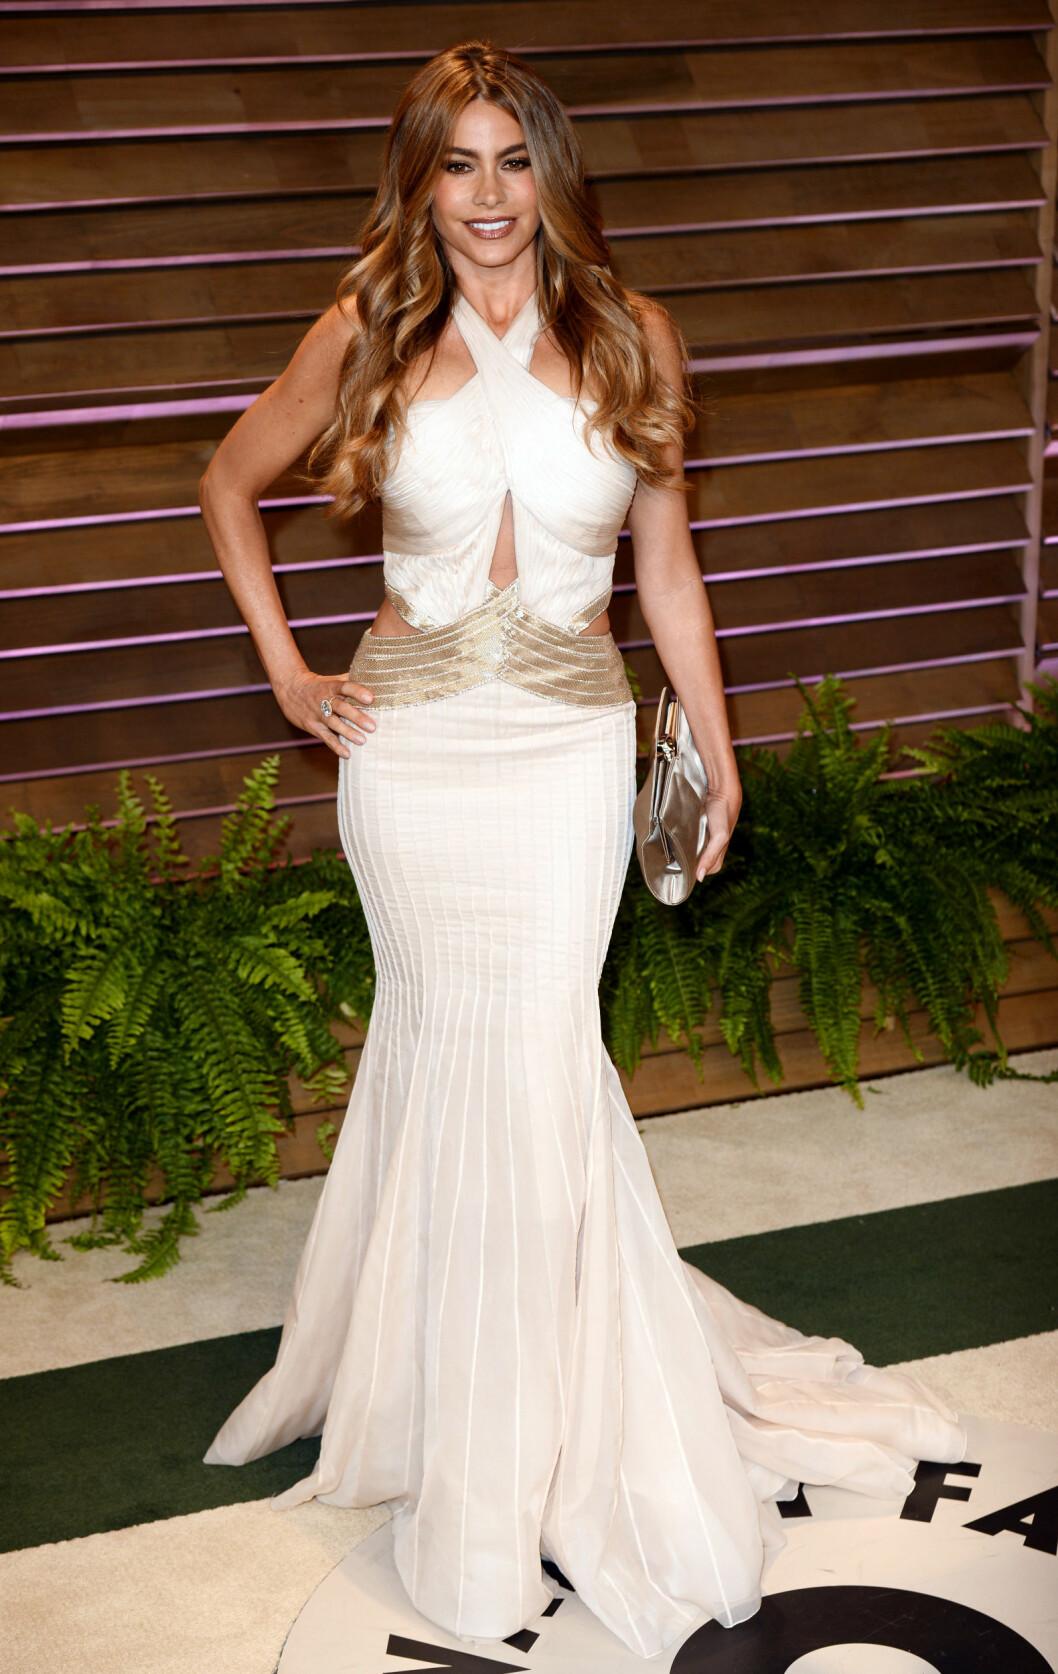 Sofia Vergara hadde valgt en kjole som rett og slett ble litt mye... Foto: REX/David Fisher/All Over Press